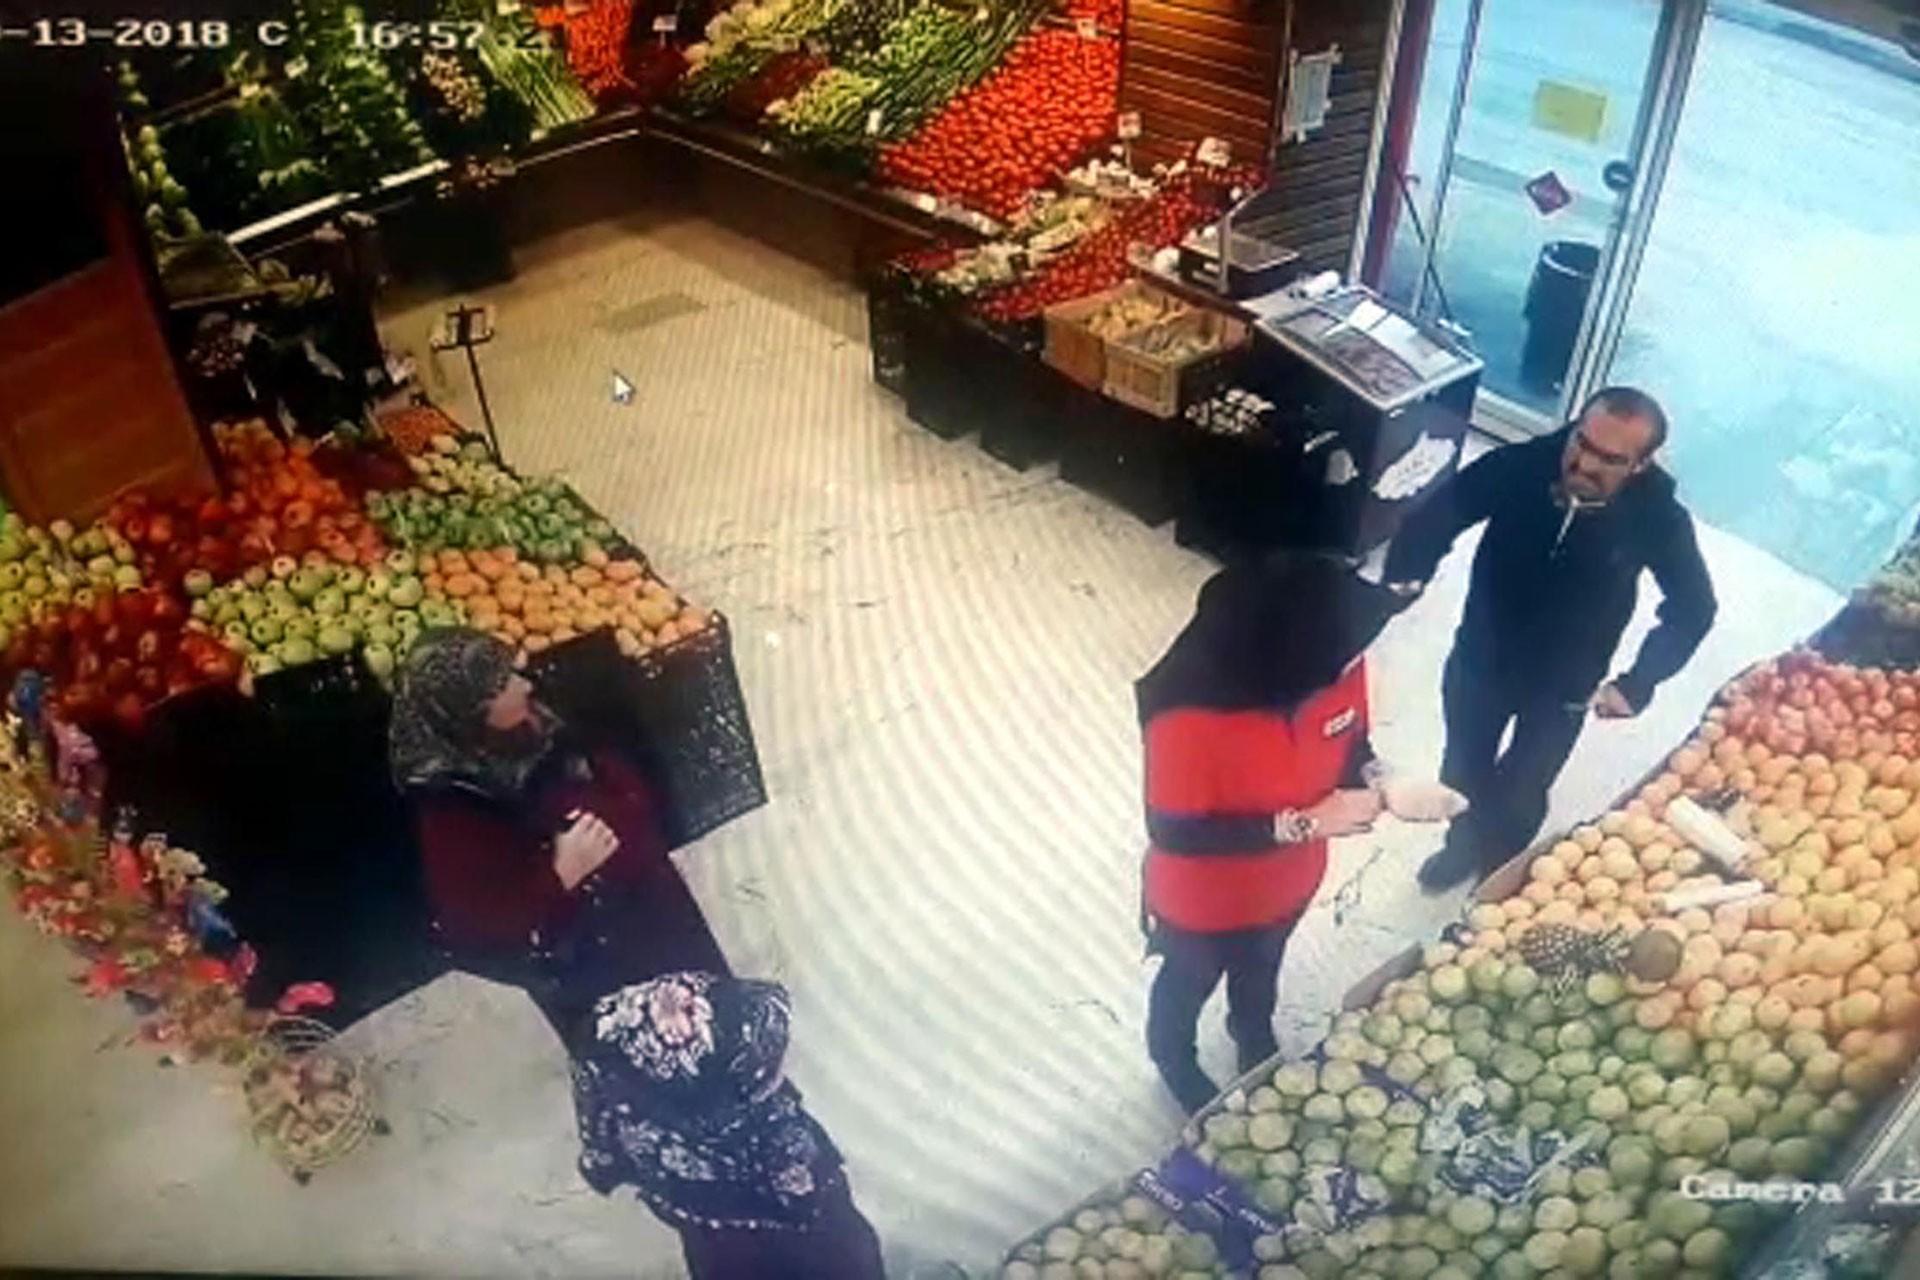 Erzurum'da Canısı Toktay adlı genç kadın, çalıştığı iş yerinde bıçaklı saldırıya uğradı.